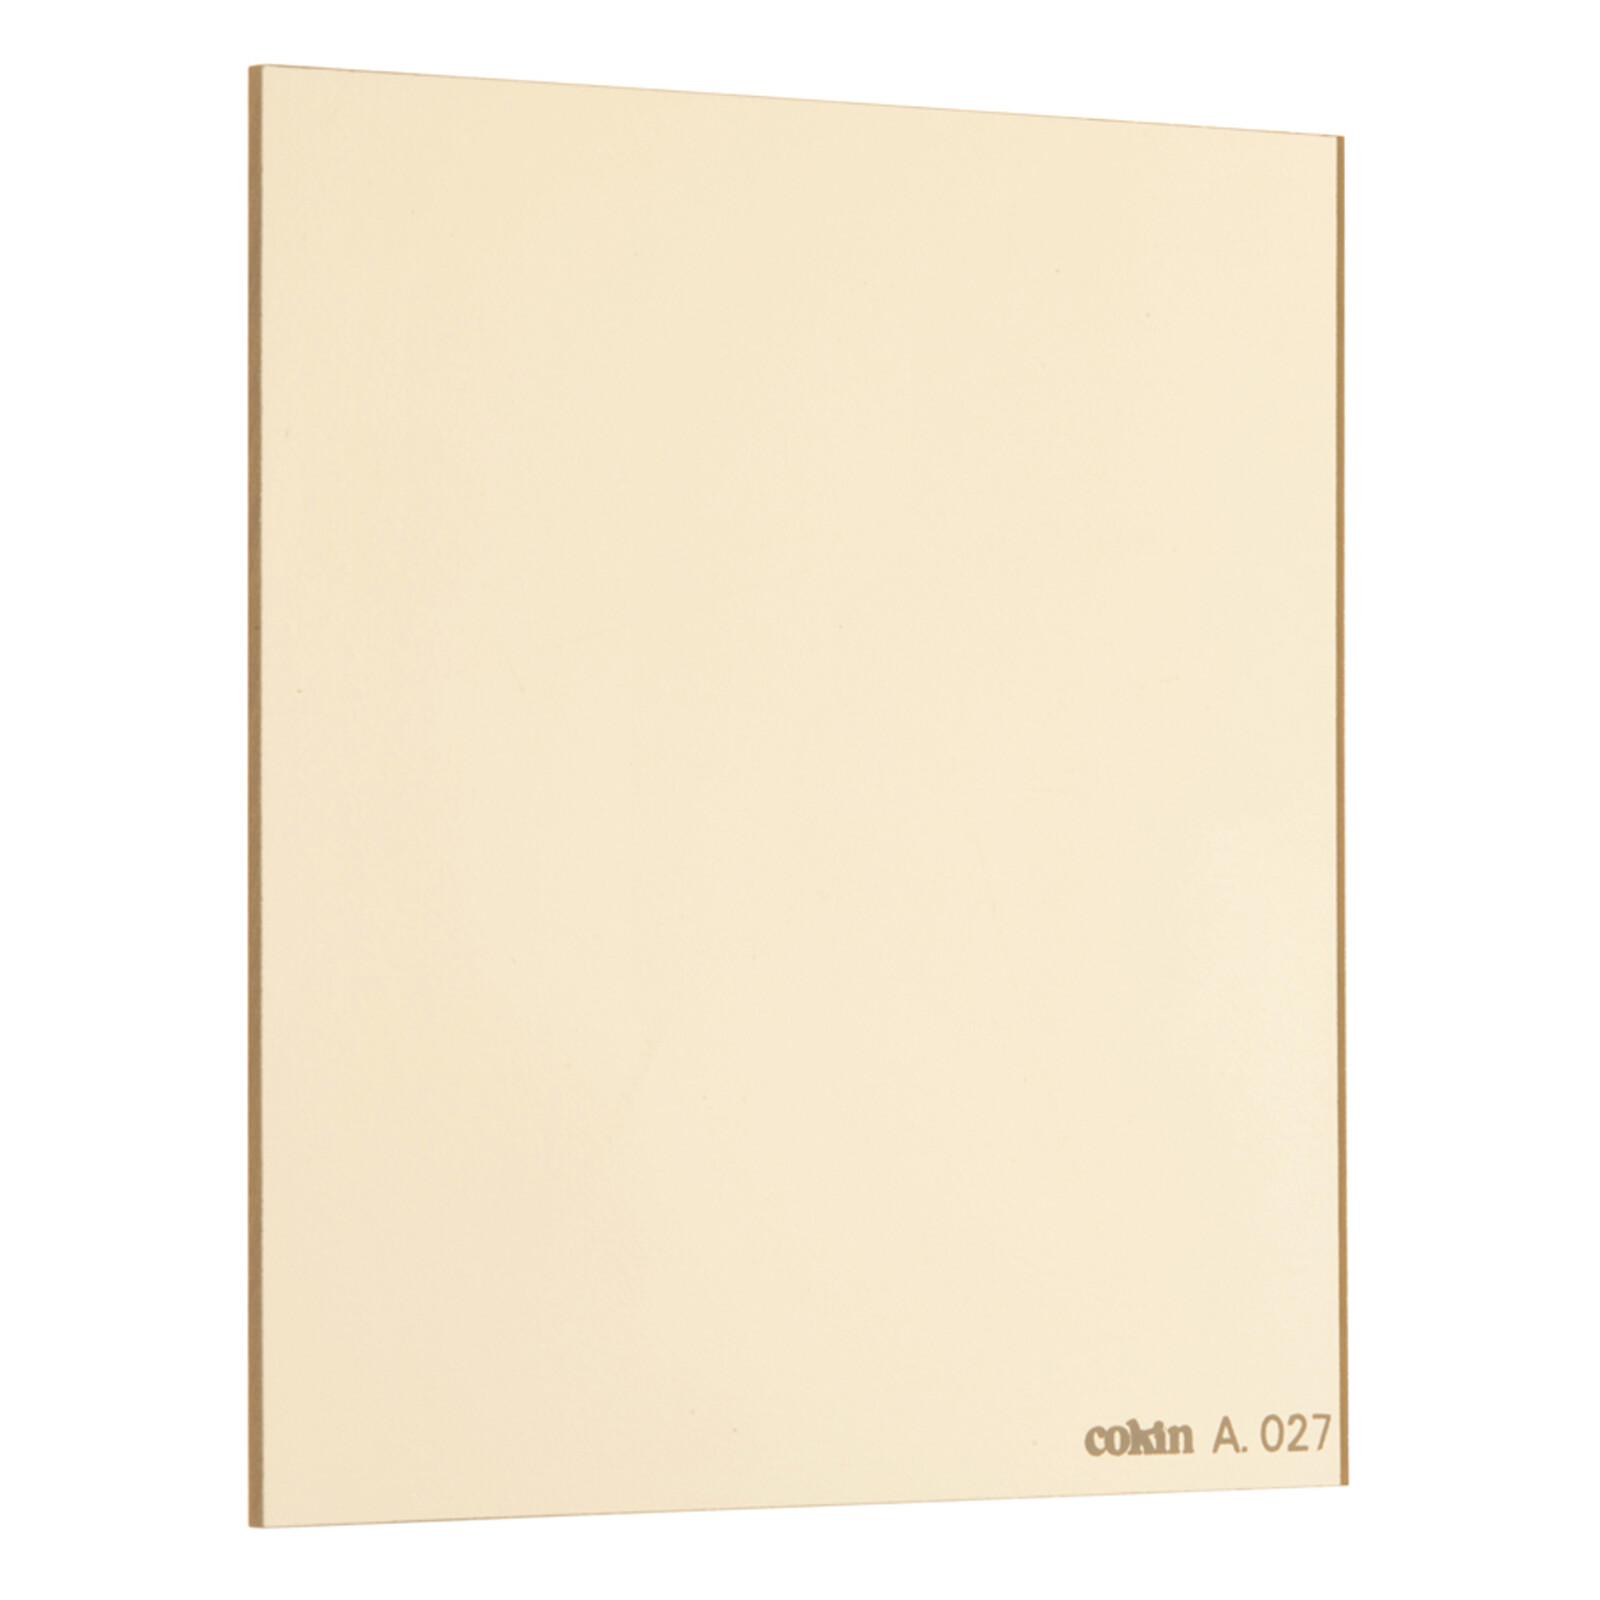 Cokin A027 Warmton 81B